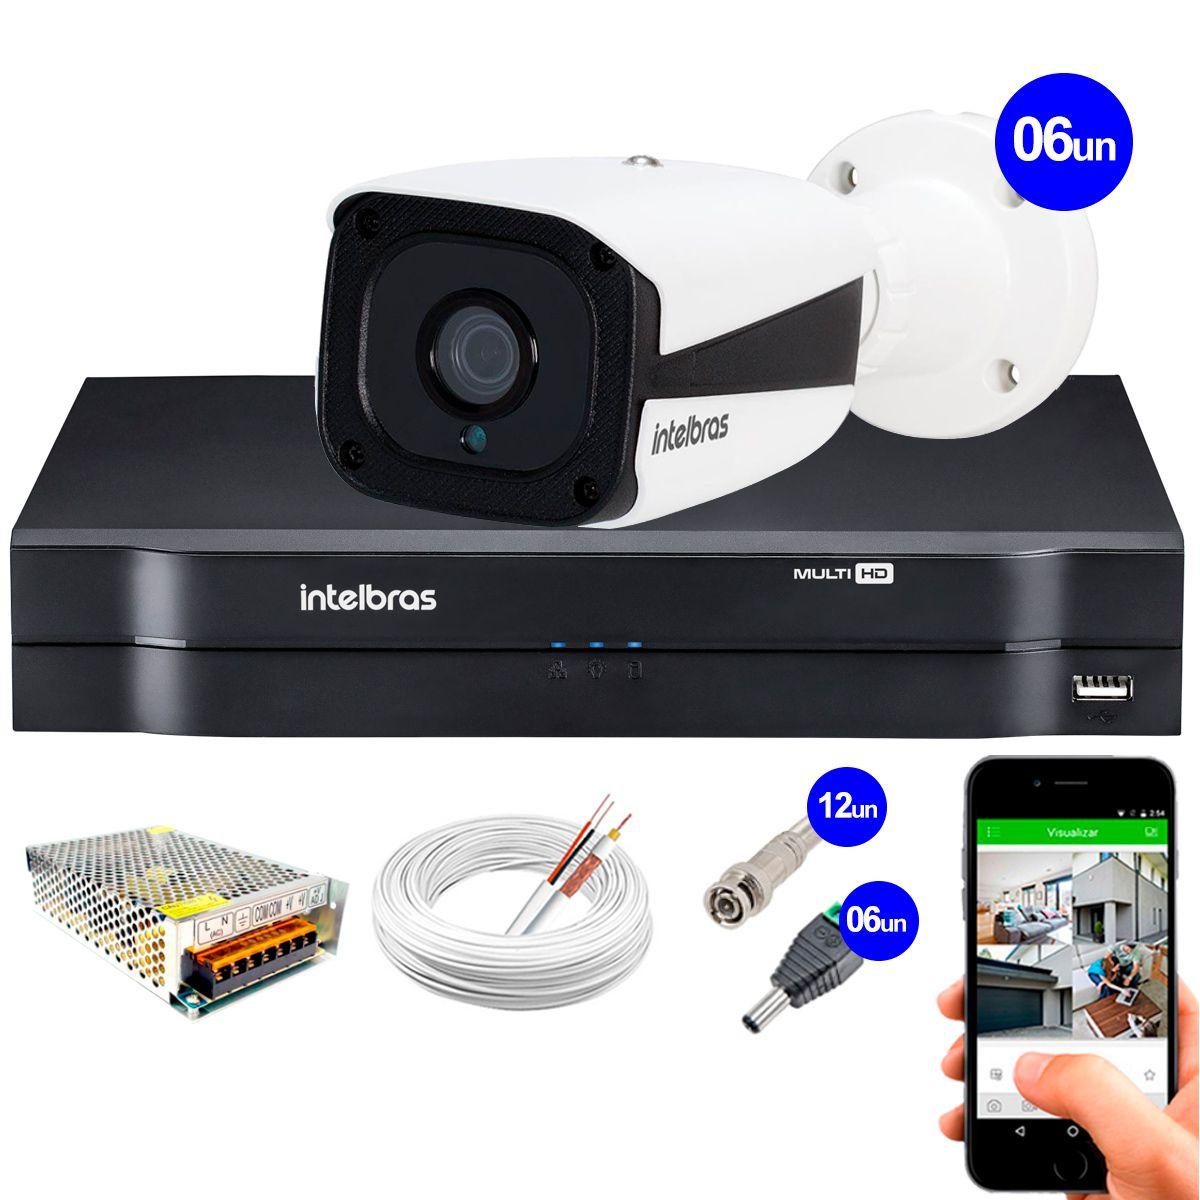 Kit Intelbras 6 Câmeras HD 720p VMH 3130 B + DVR Intelbras + Acessórios  - Tudo Forte